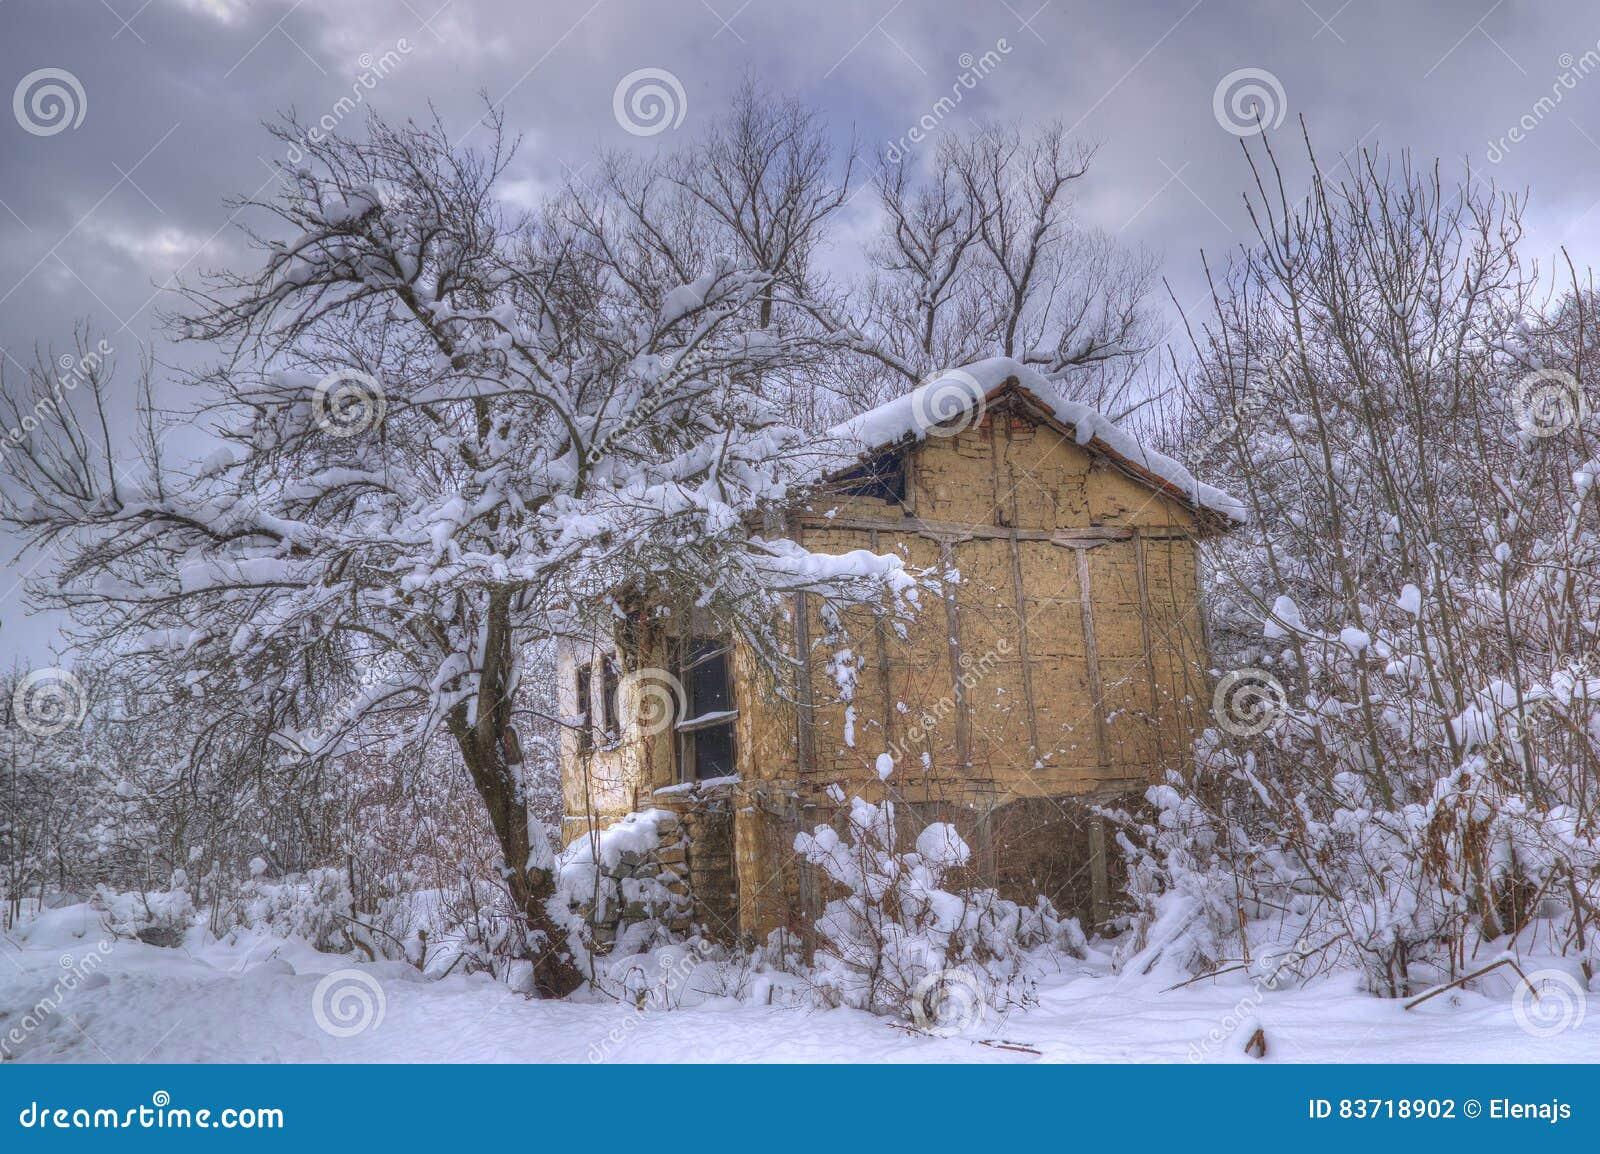 Komshtitsa Village, Bulgaria - Winter Picture Stock Photo